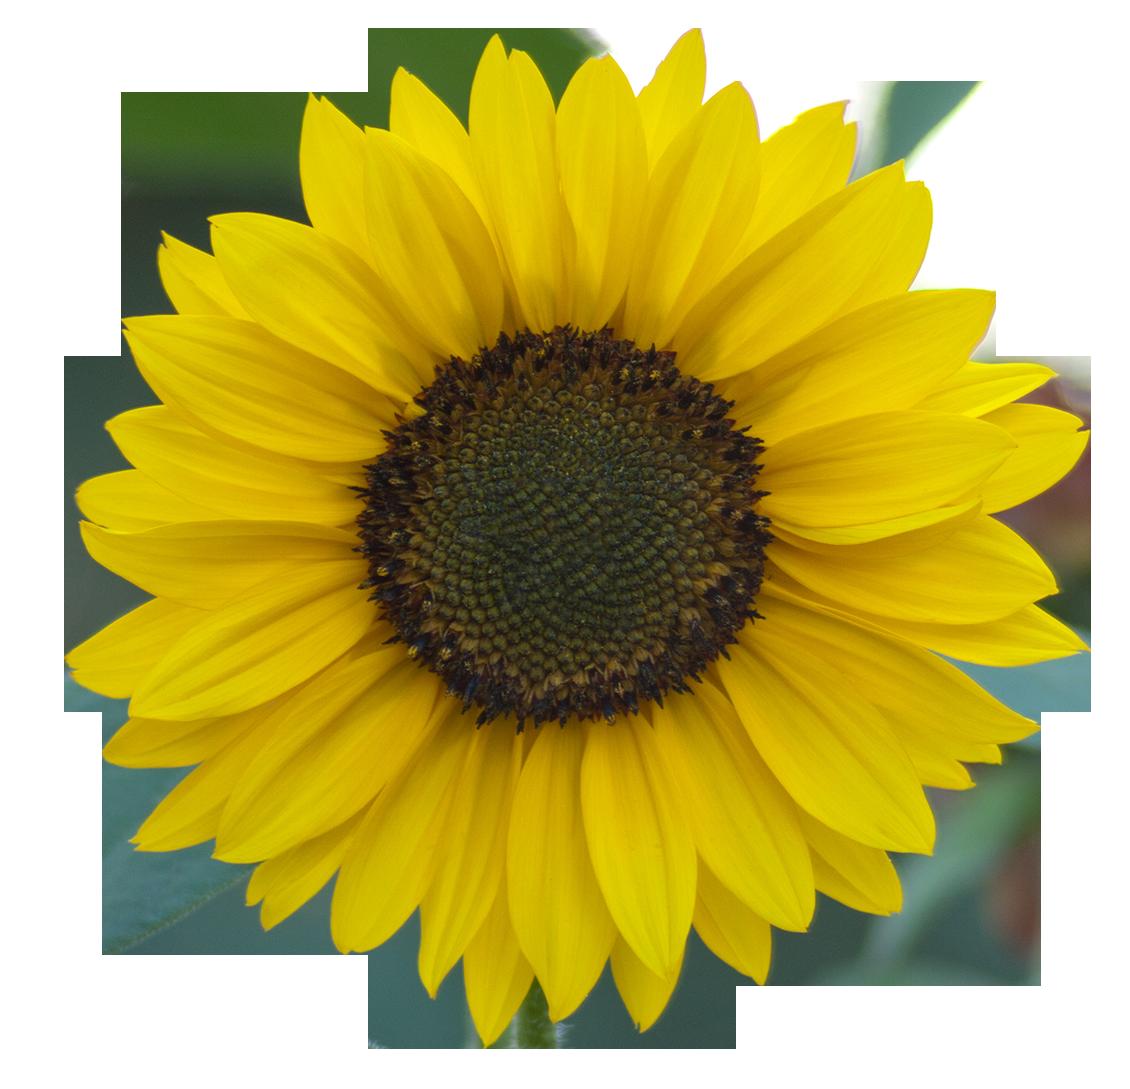 Sunflower Png Images Transparent Background: Paramecij's Vegetation Base Texture Pack